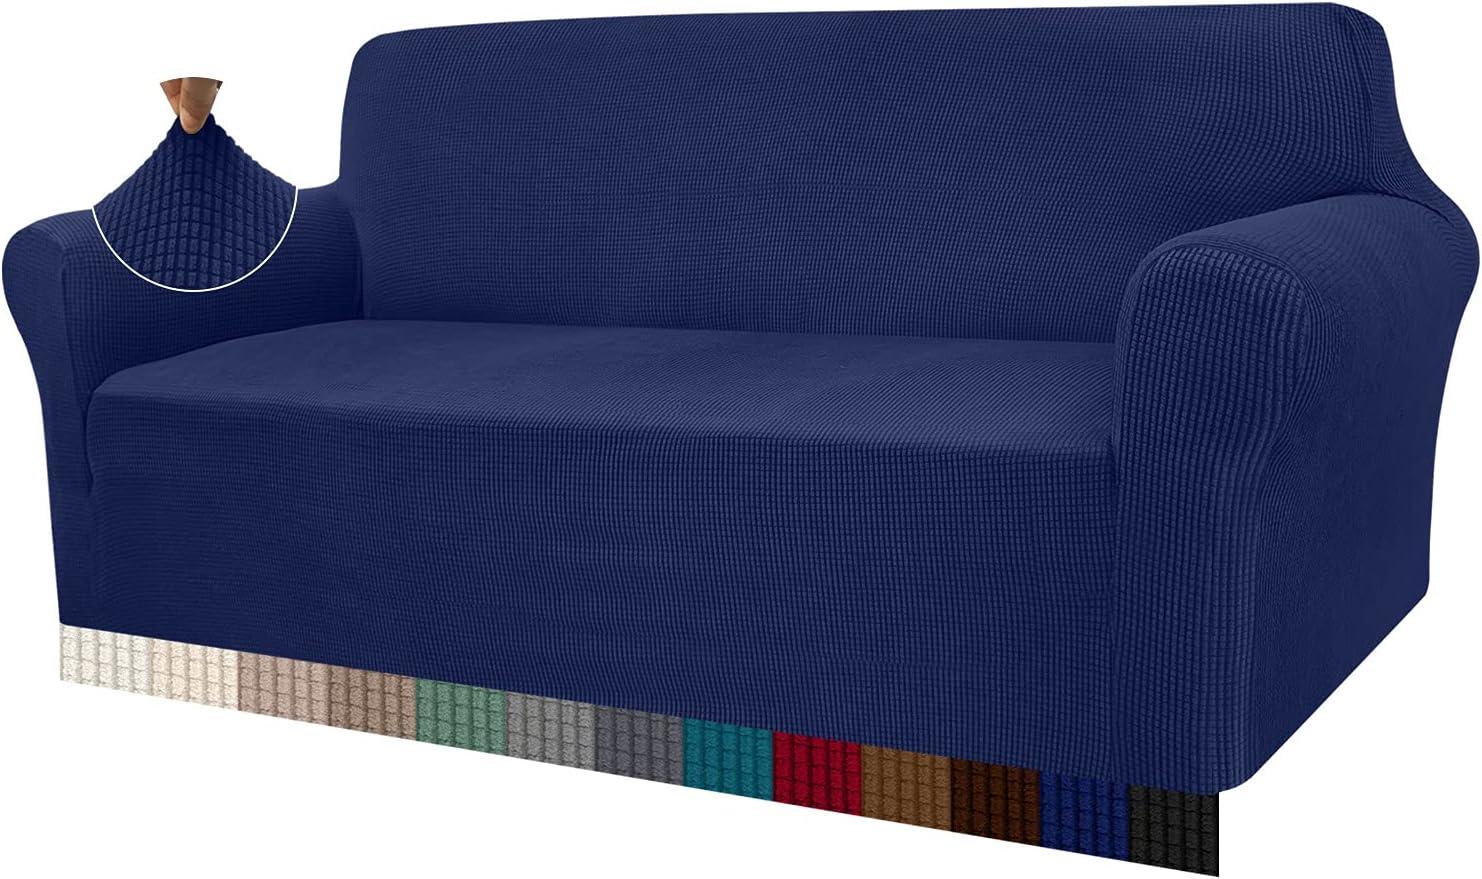 Granbest - Funda de sofá de Alta Elasticidad, diseño Moderno, Jacquard, para el salón, para Perros y Mascotas (4 plazas, Azul Marino)